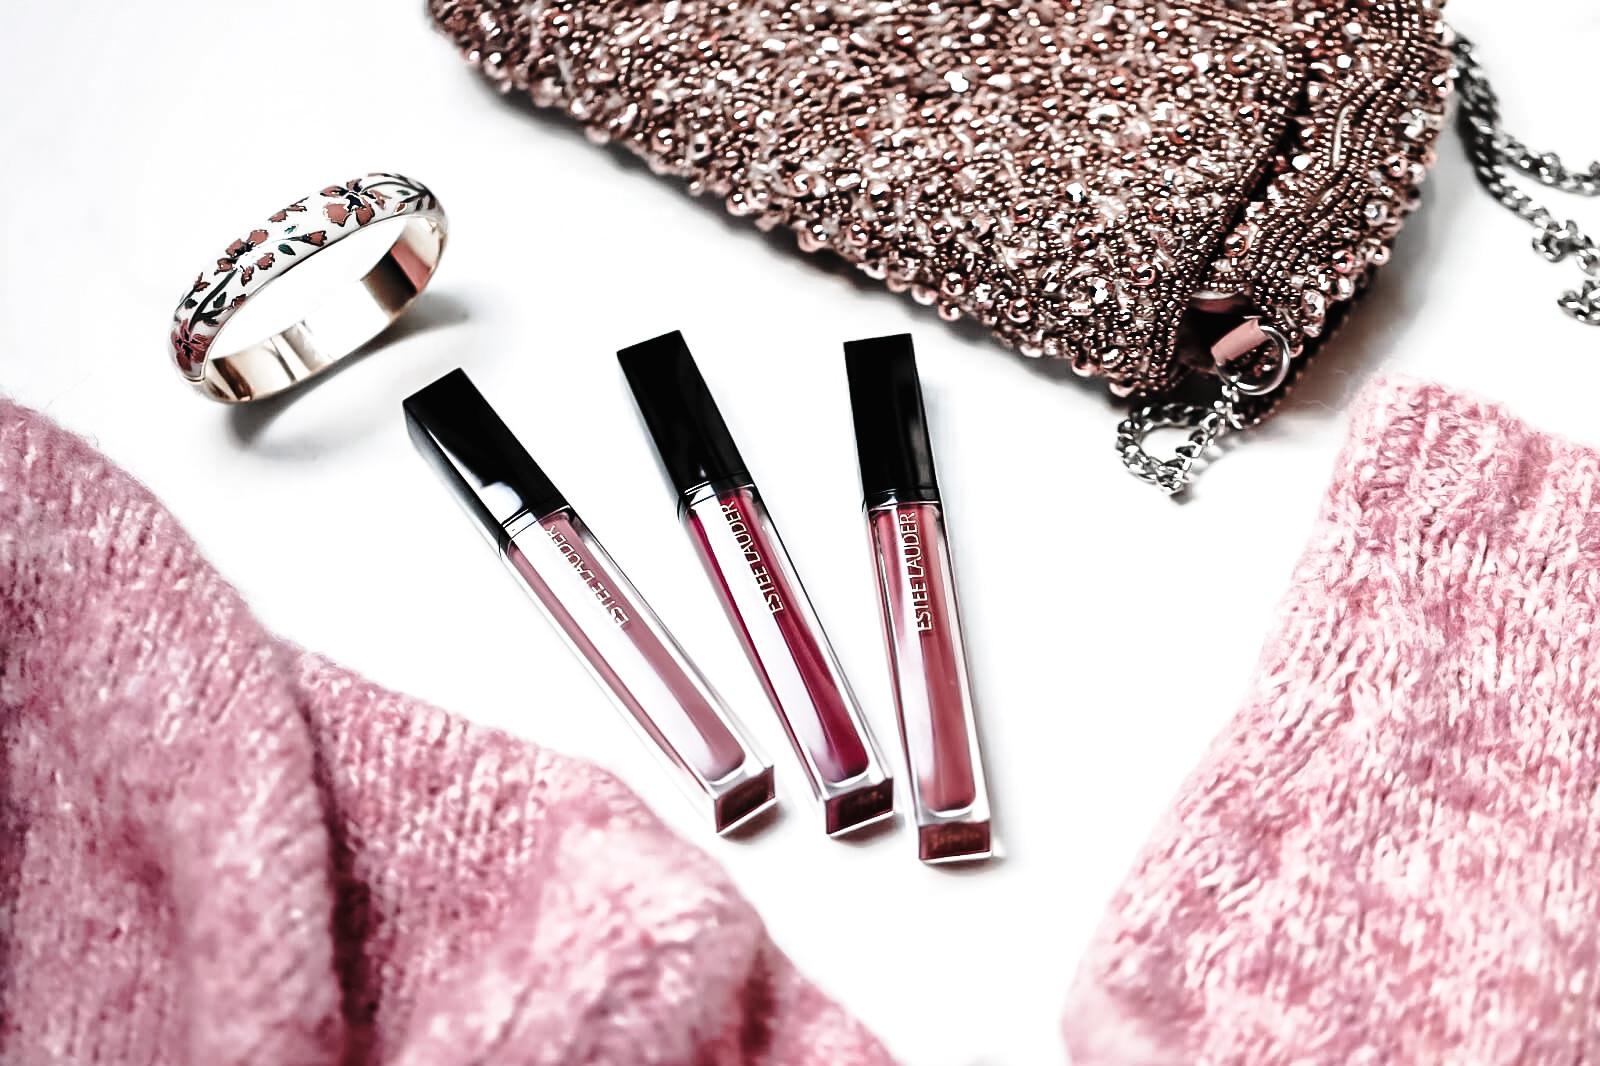 Estee Lauder Pure Color Envy Kissable Lip Shine Avis